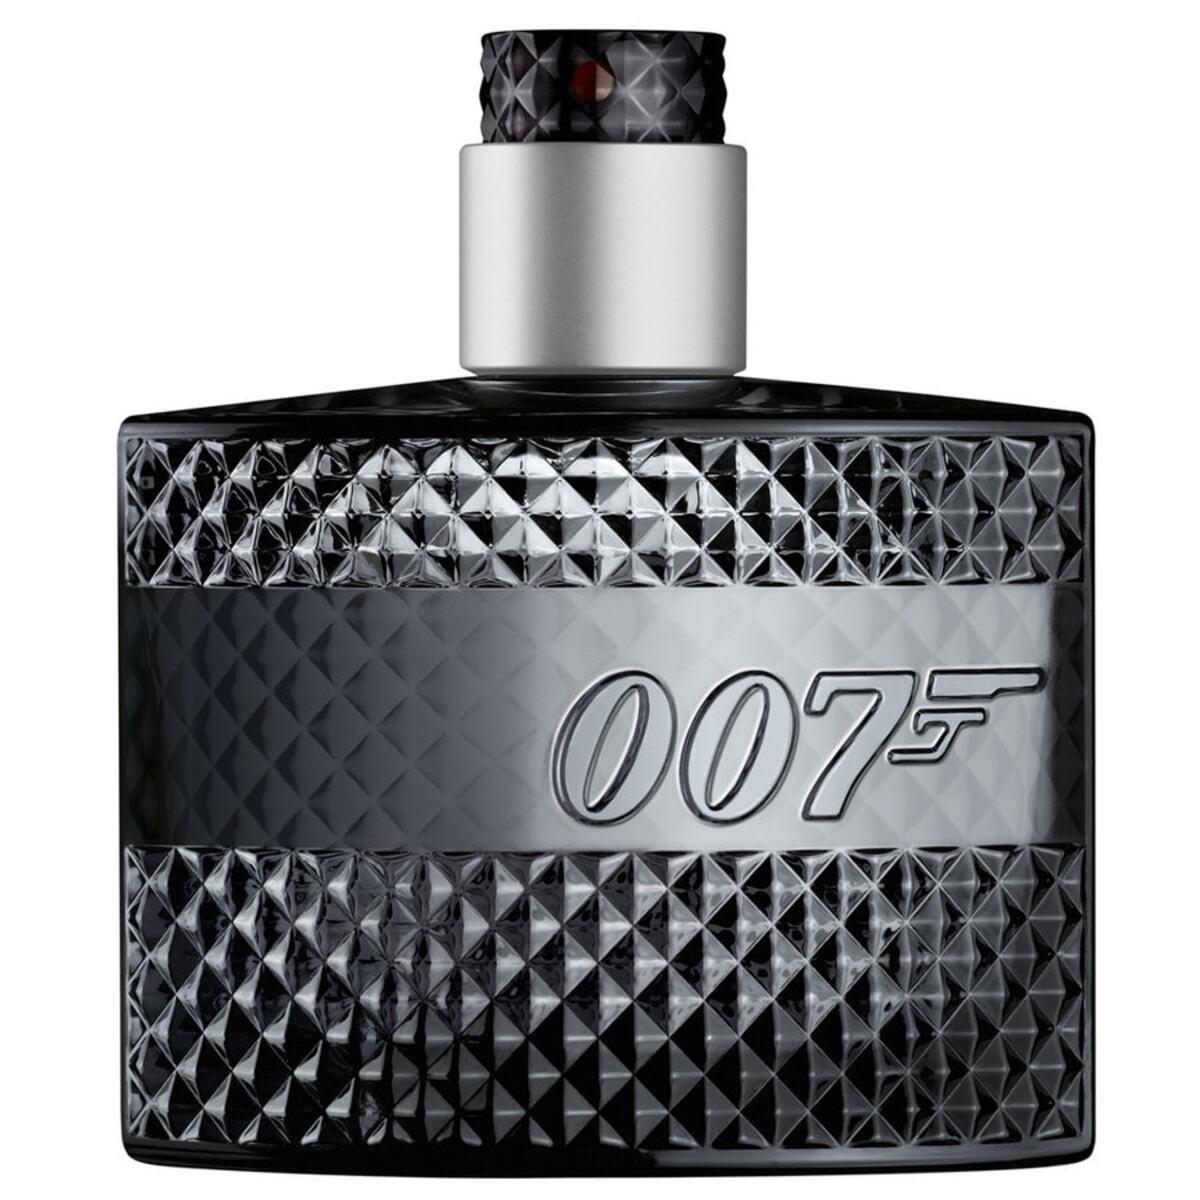 Bild 2 von James Bond 007 James Bond 007  Eau de Toilette (EdT) 50.0 ml